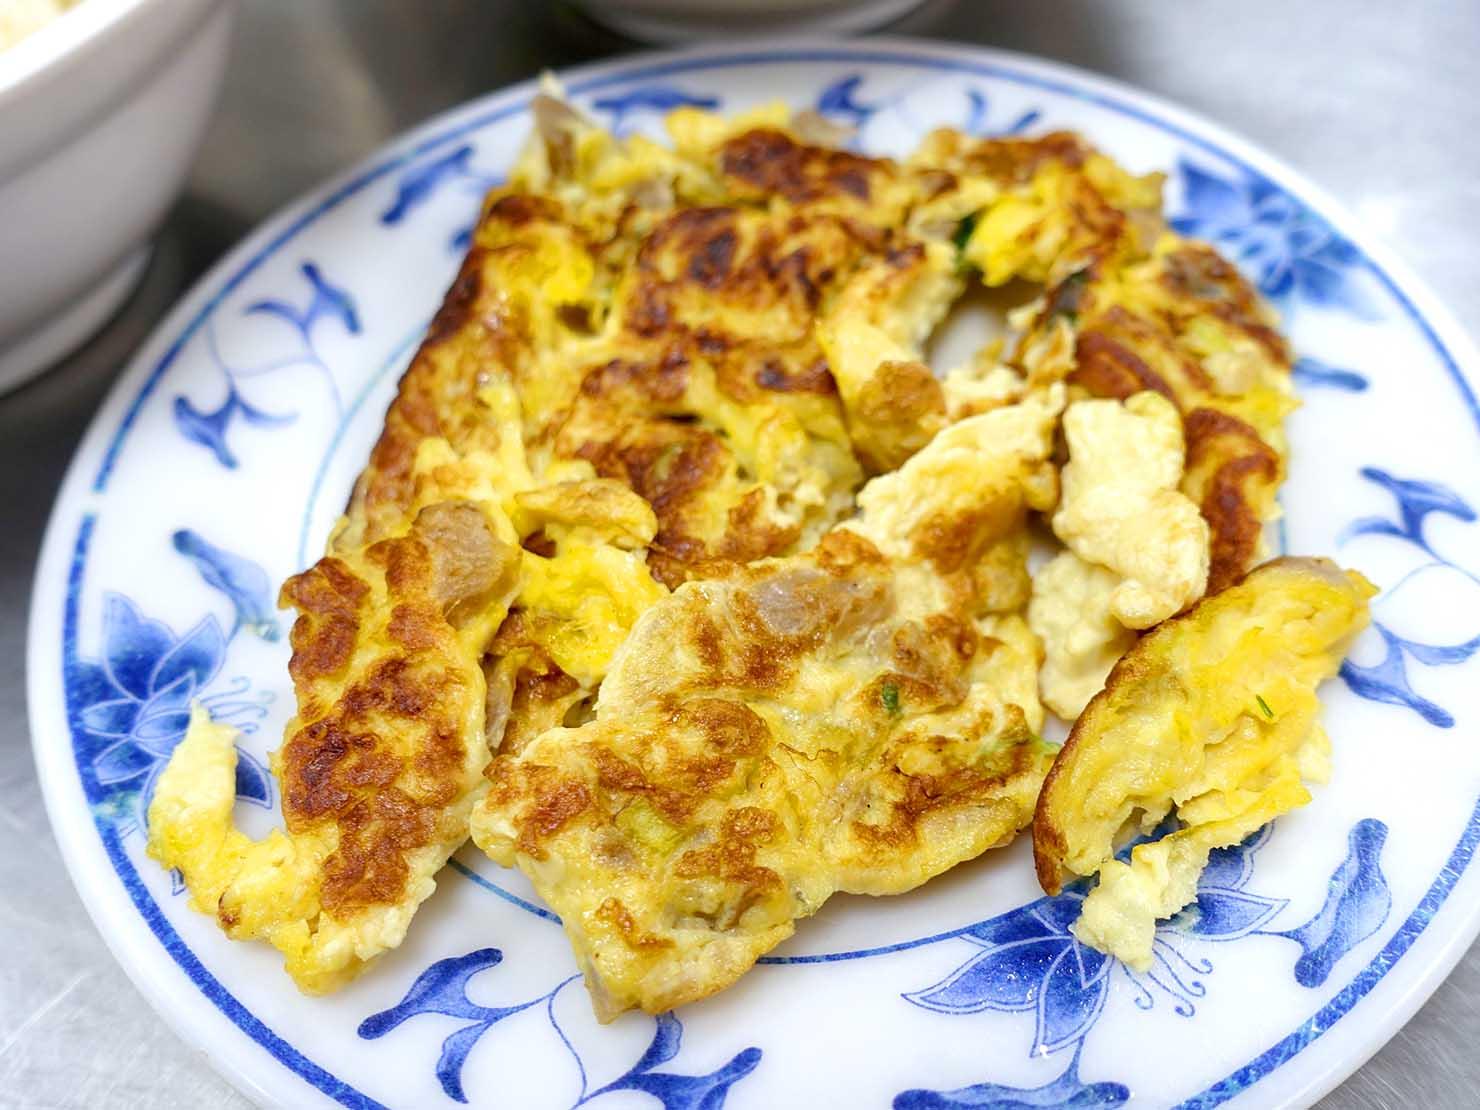 台北・松江南京駅(四平街商圈)周辺のおすすめグルメ店「梁記嘉義雞肉飯」の菜脯蛋